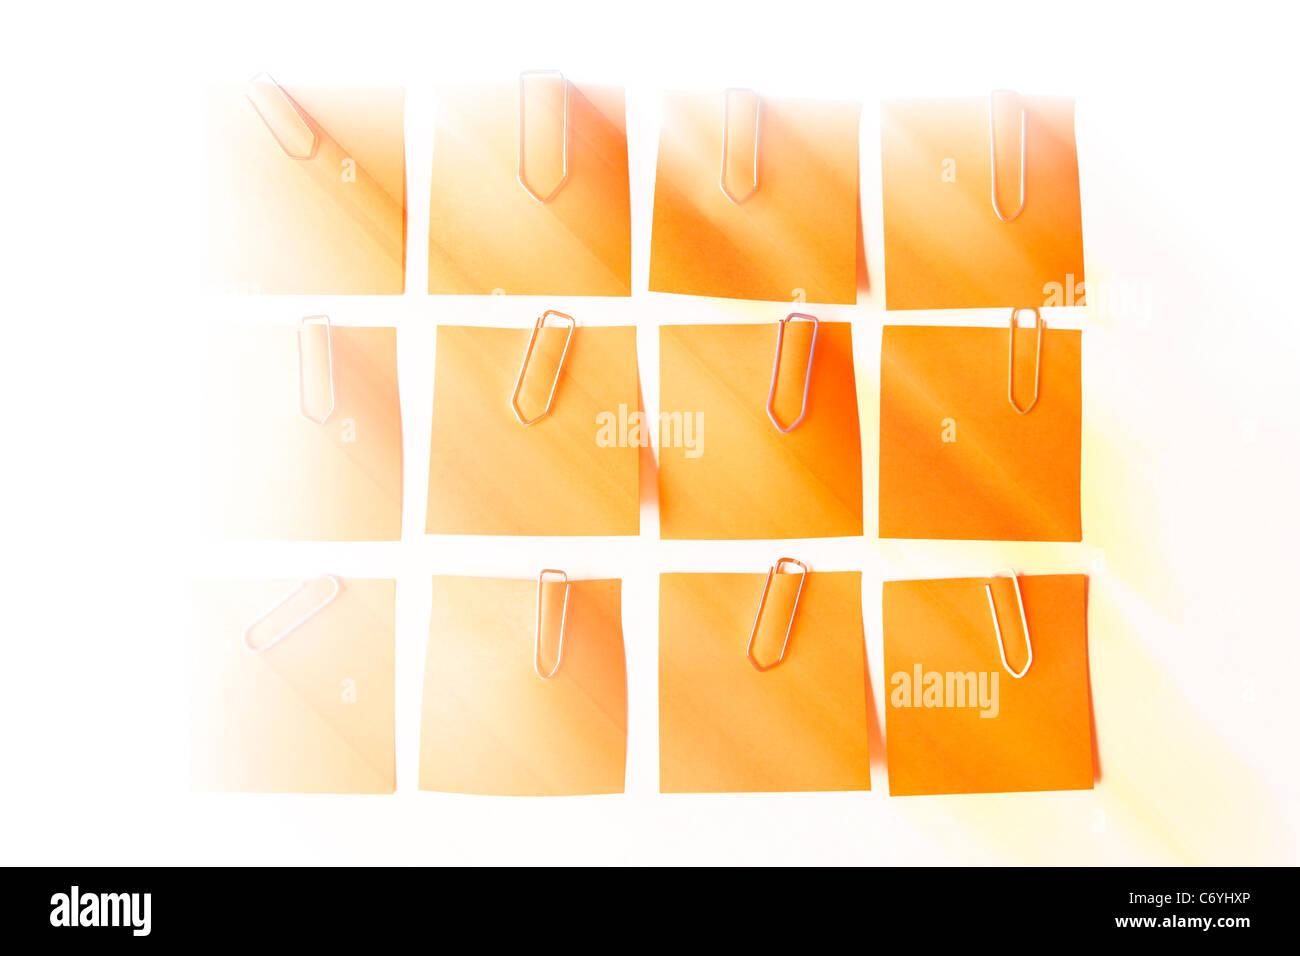 Mejora digital - Acuerdo de memorando memoria post-it con clips Imagen De Stock